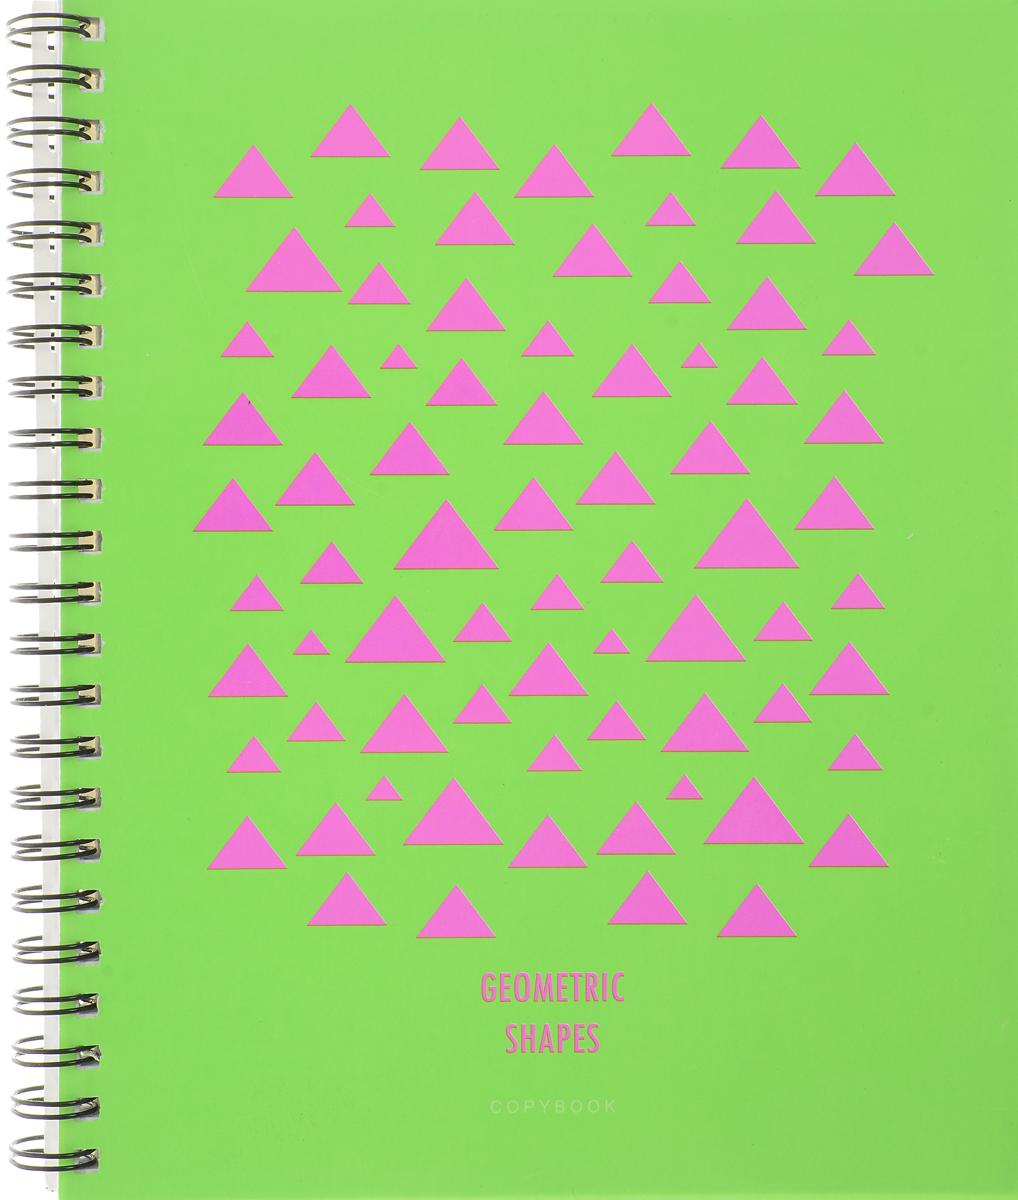 Канц-Эксмо Тетрадь Насыщенные цвета 96 листов в клетку цвет салатовыйТСЛ965230_салатовыйТетрадь общая Канц-Эксмо Насыщенные цвета формат А5, 96 листов в клетку. Крепление - гребень. Обложка: мелованный картон, пантонная печать, выборочный лак. Внутренний блок: бумага офсетная 60 г/м2.